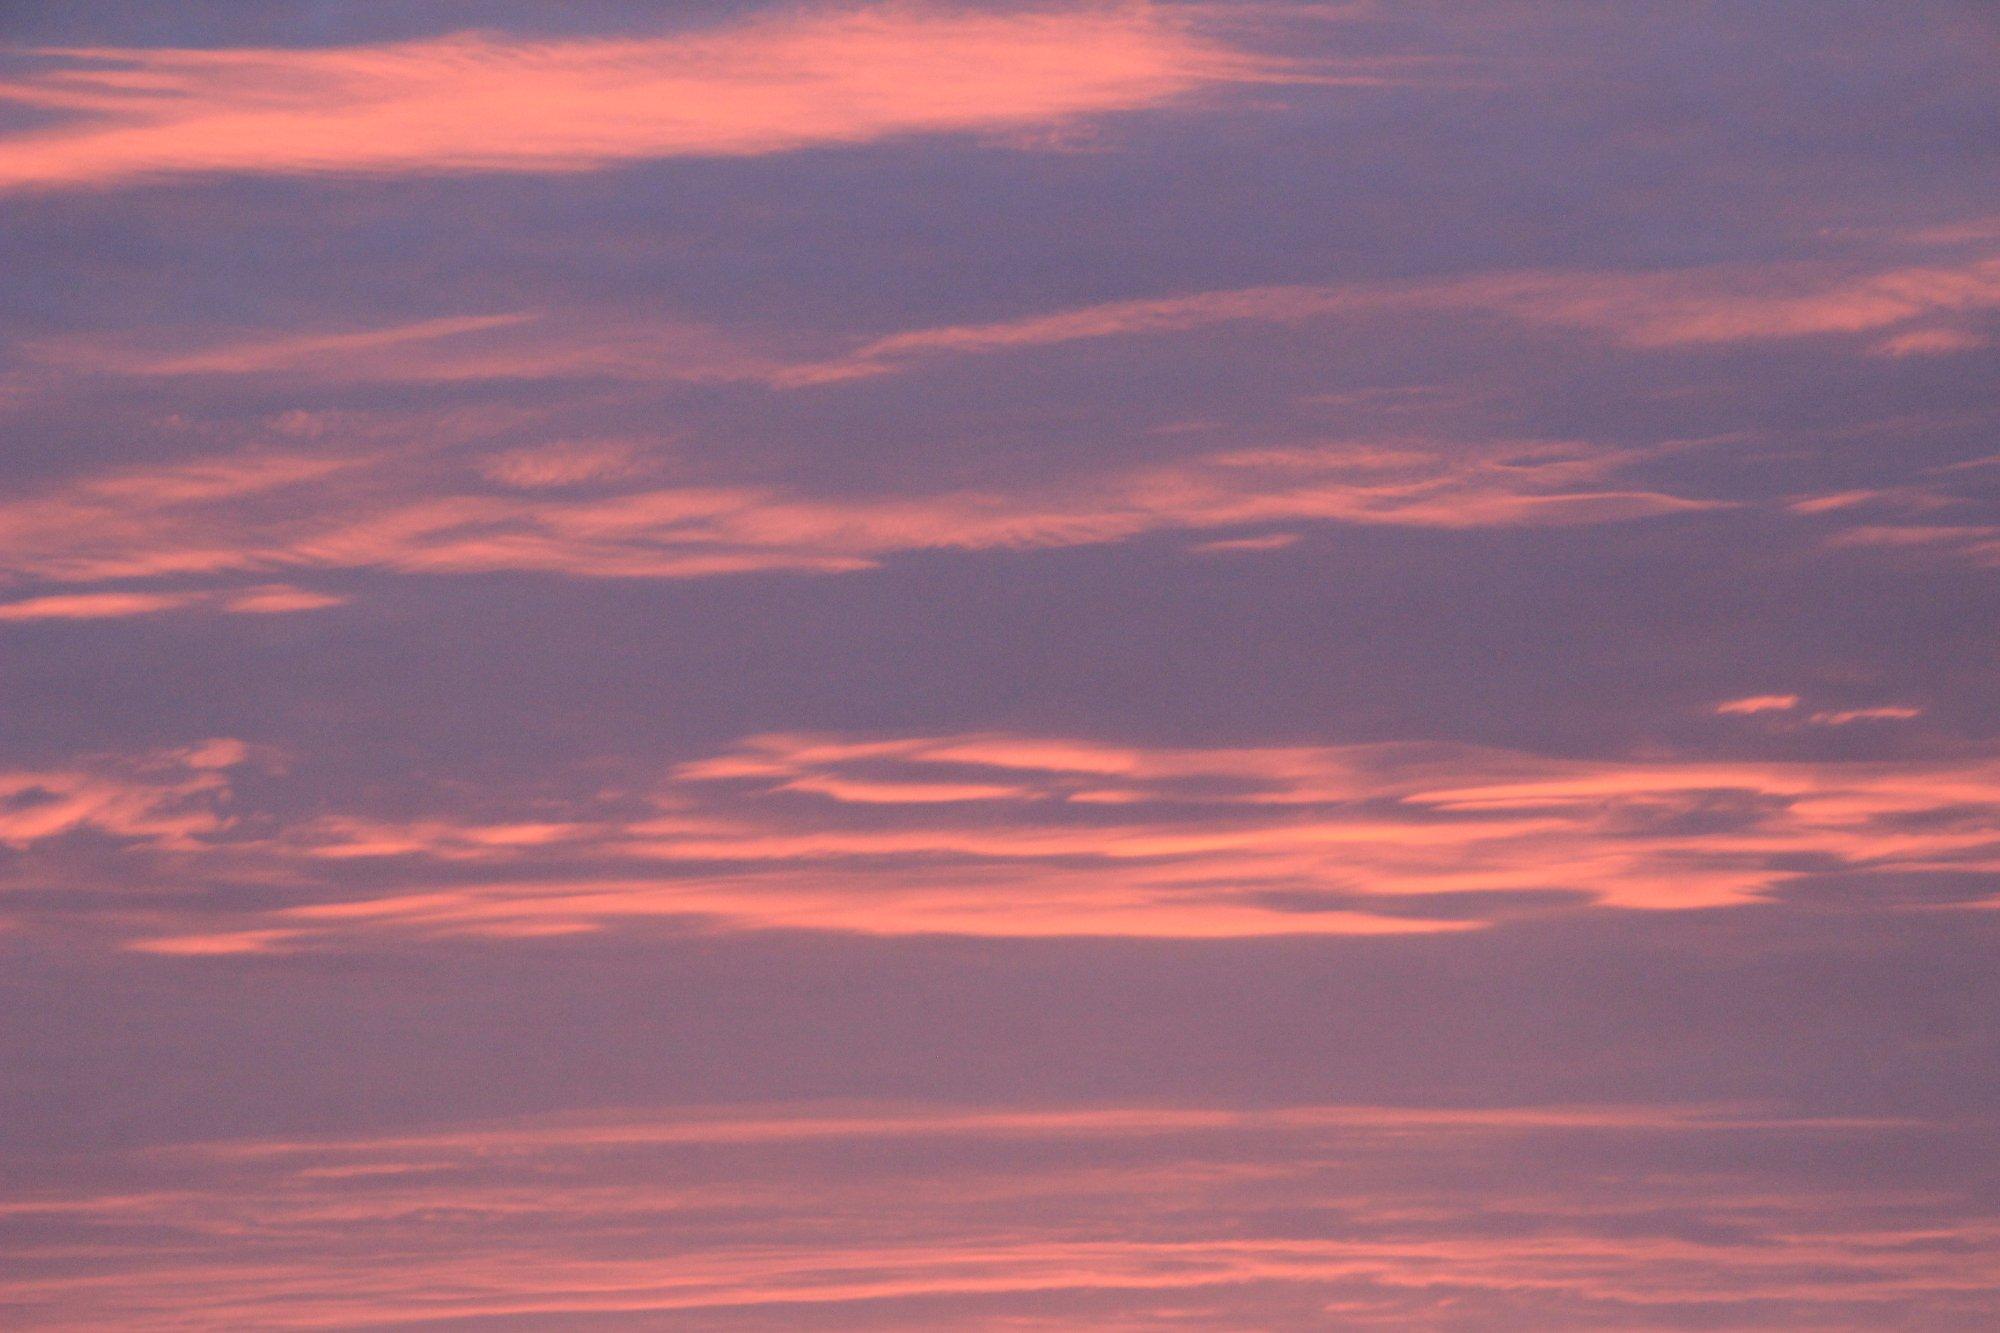 Todos los dias mirar ese cielo rojizo unico!